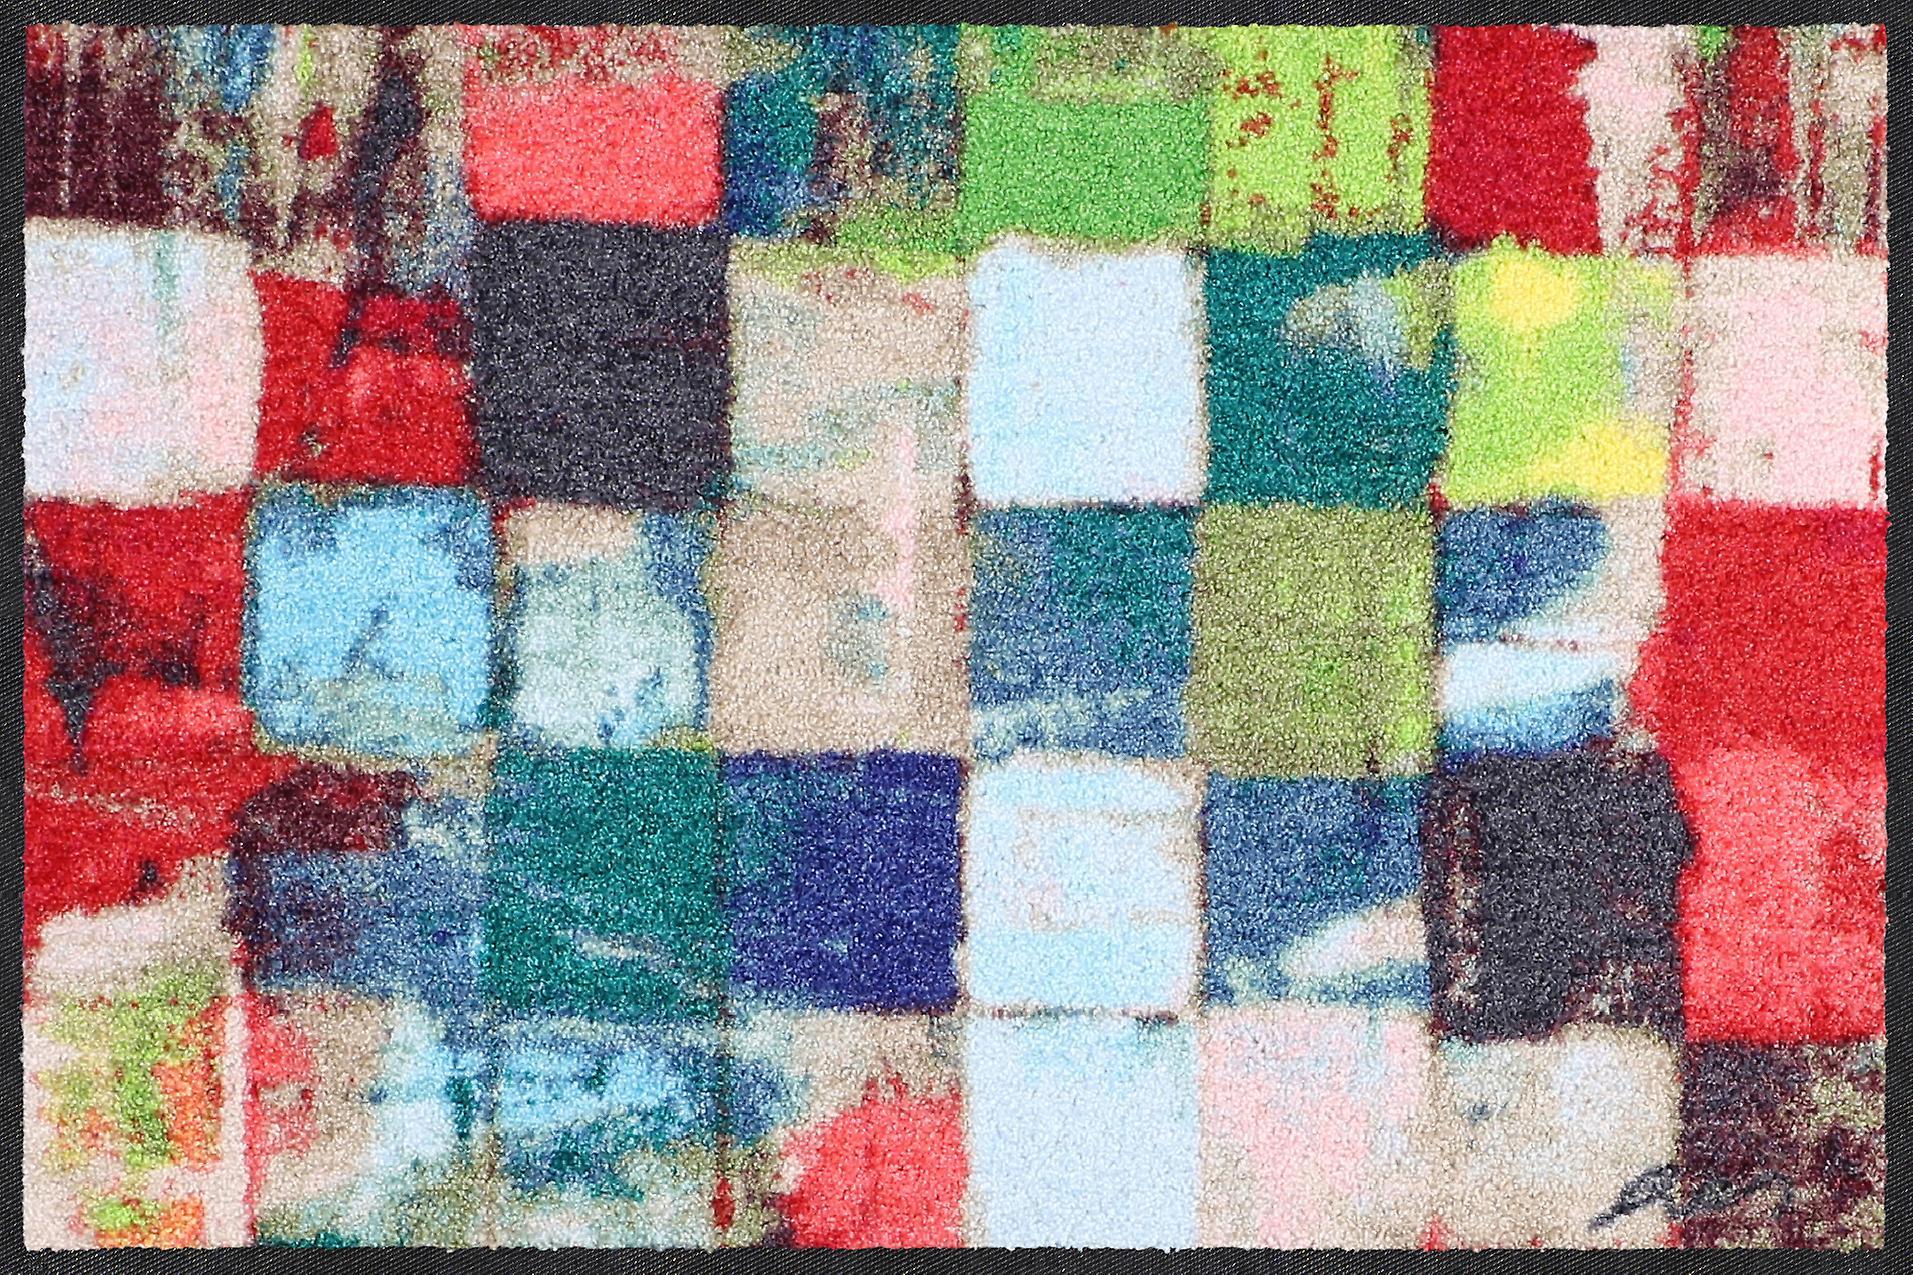 Salonloewe Fußmatte Colourful squares 50 x 75 cm waschbar Schmutzmatte